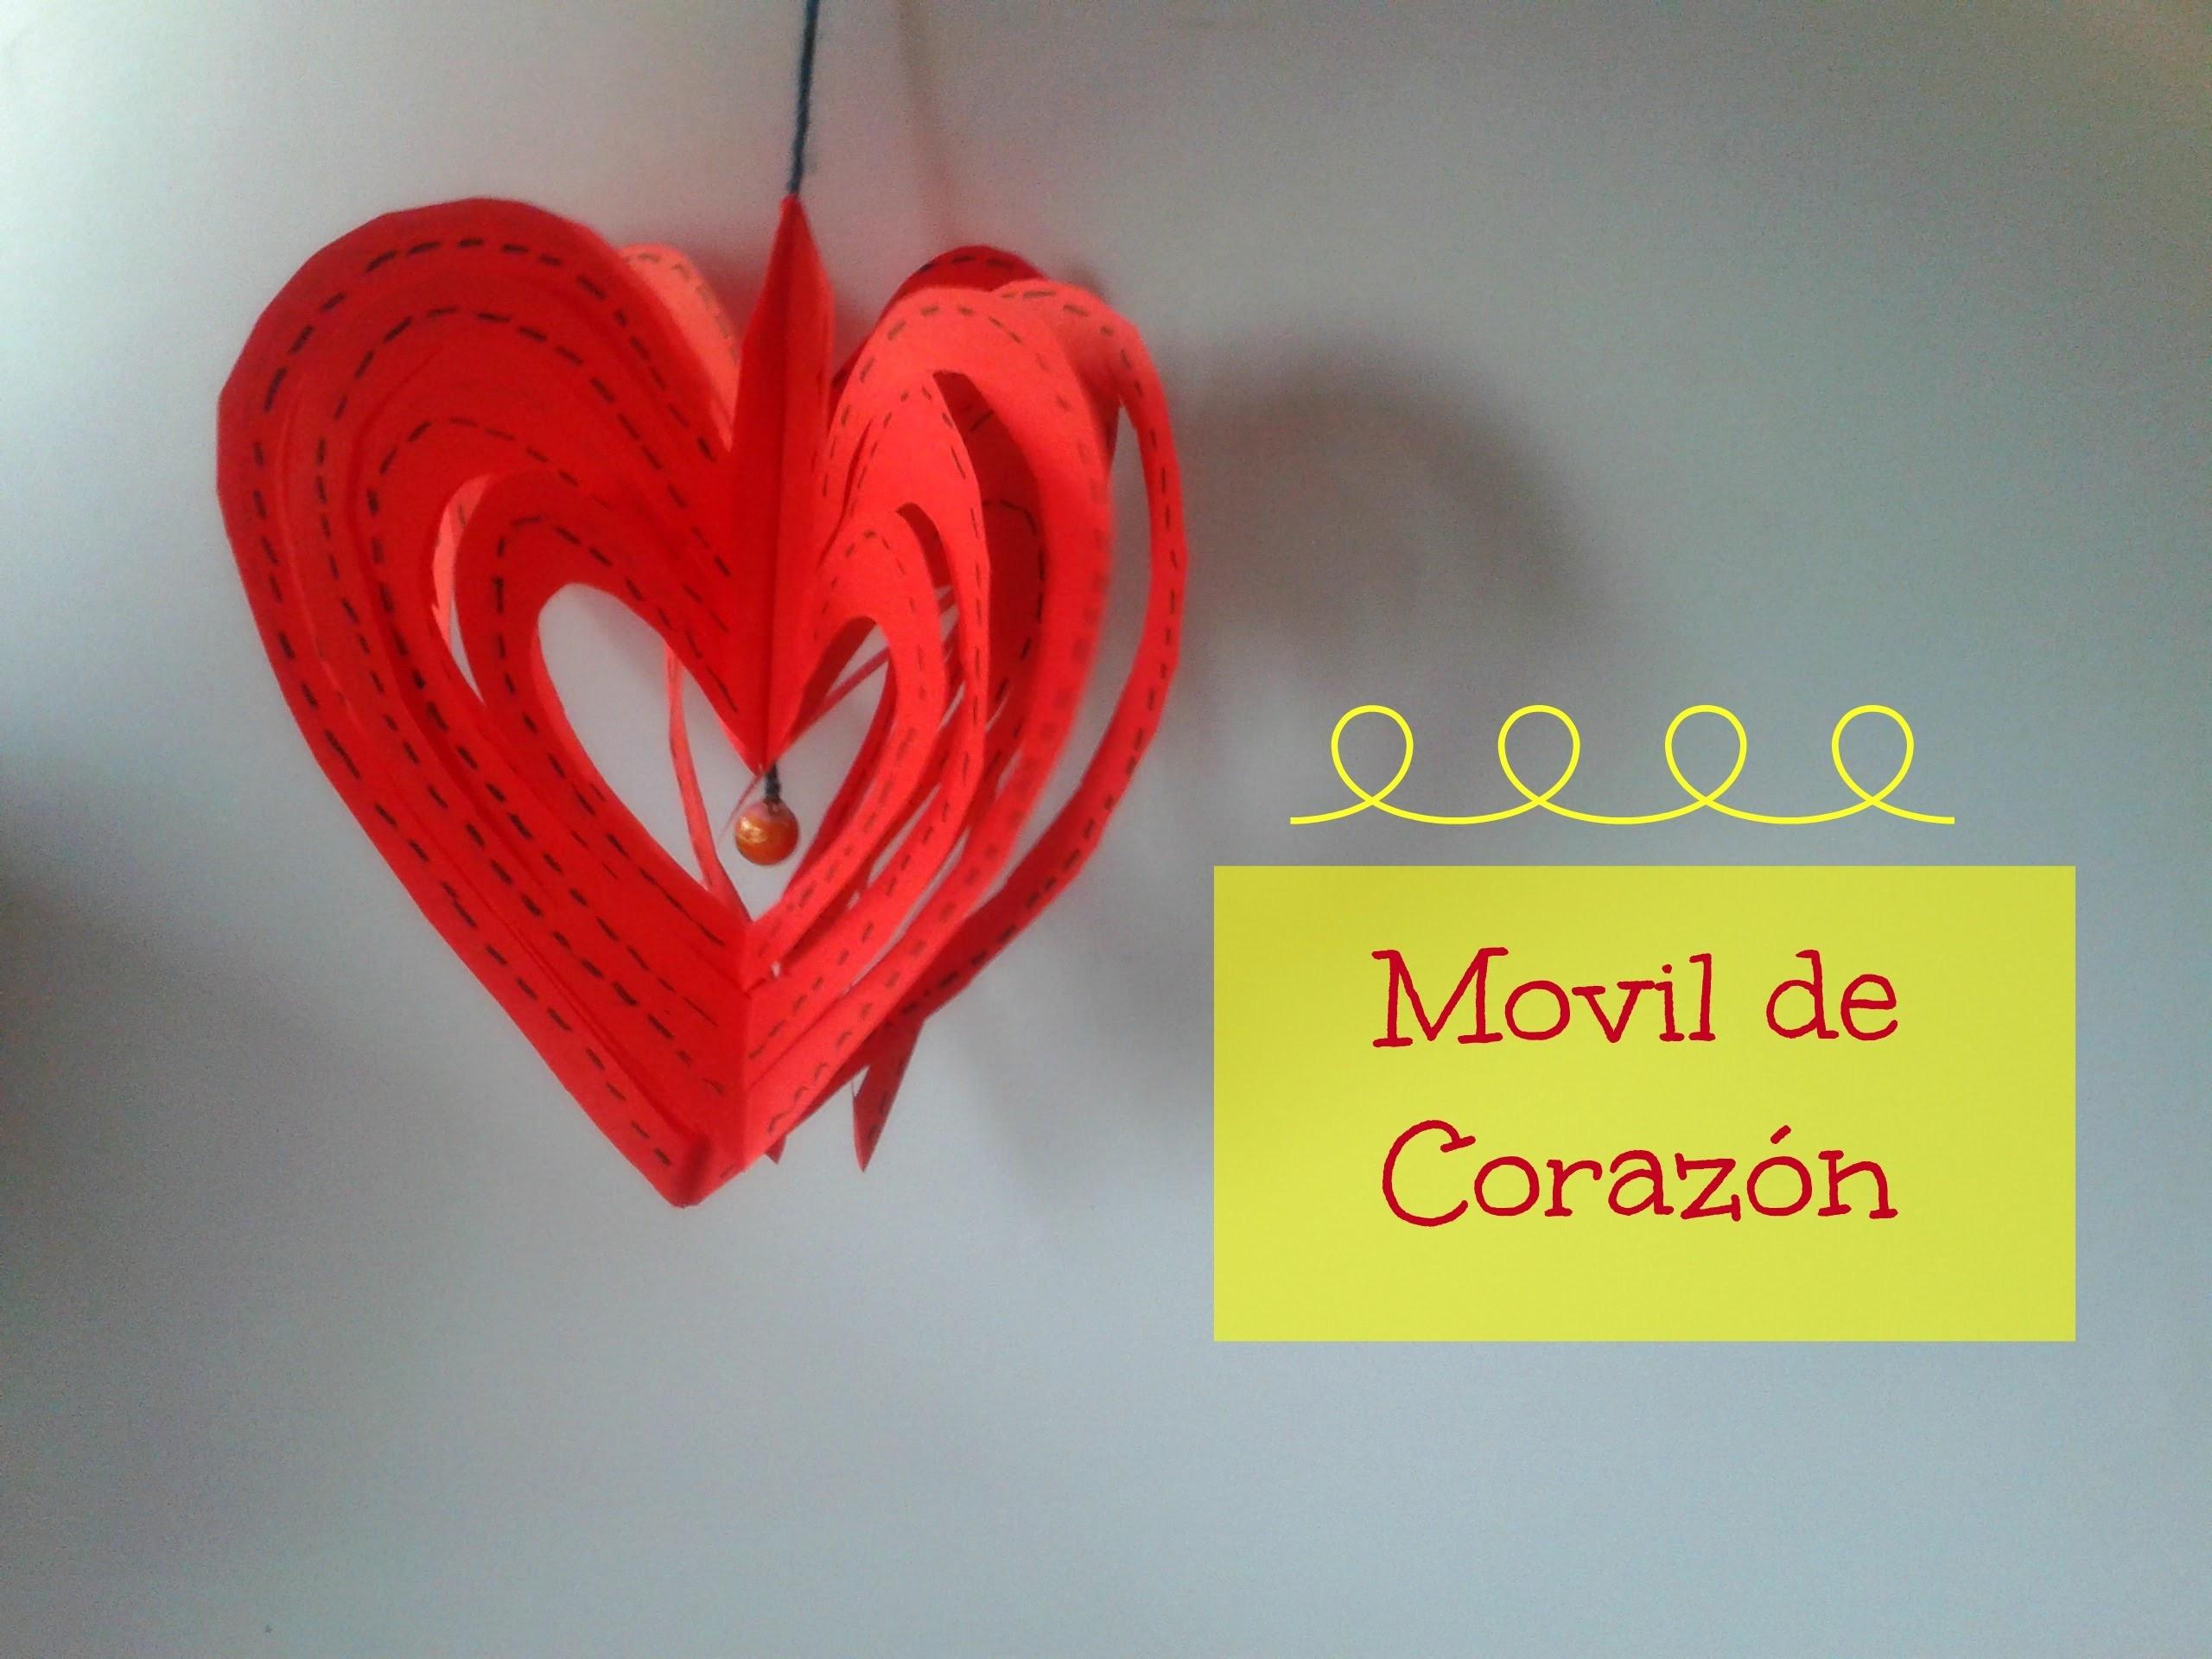 Movil de Corazones - Manualidades para San Valentín | Ani Crafts